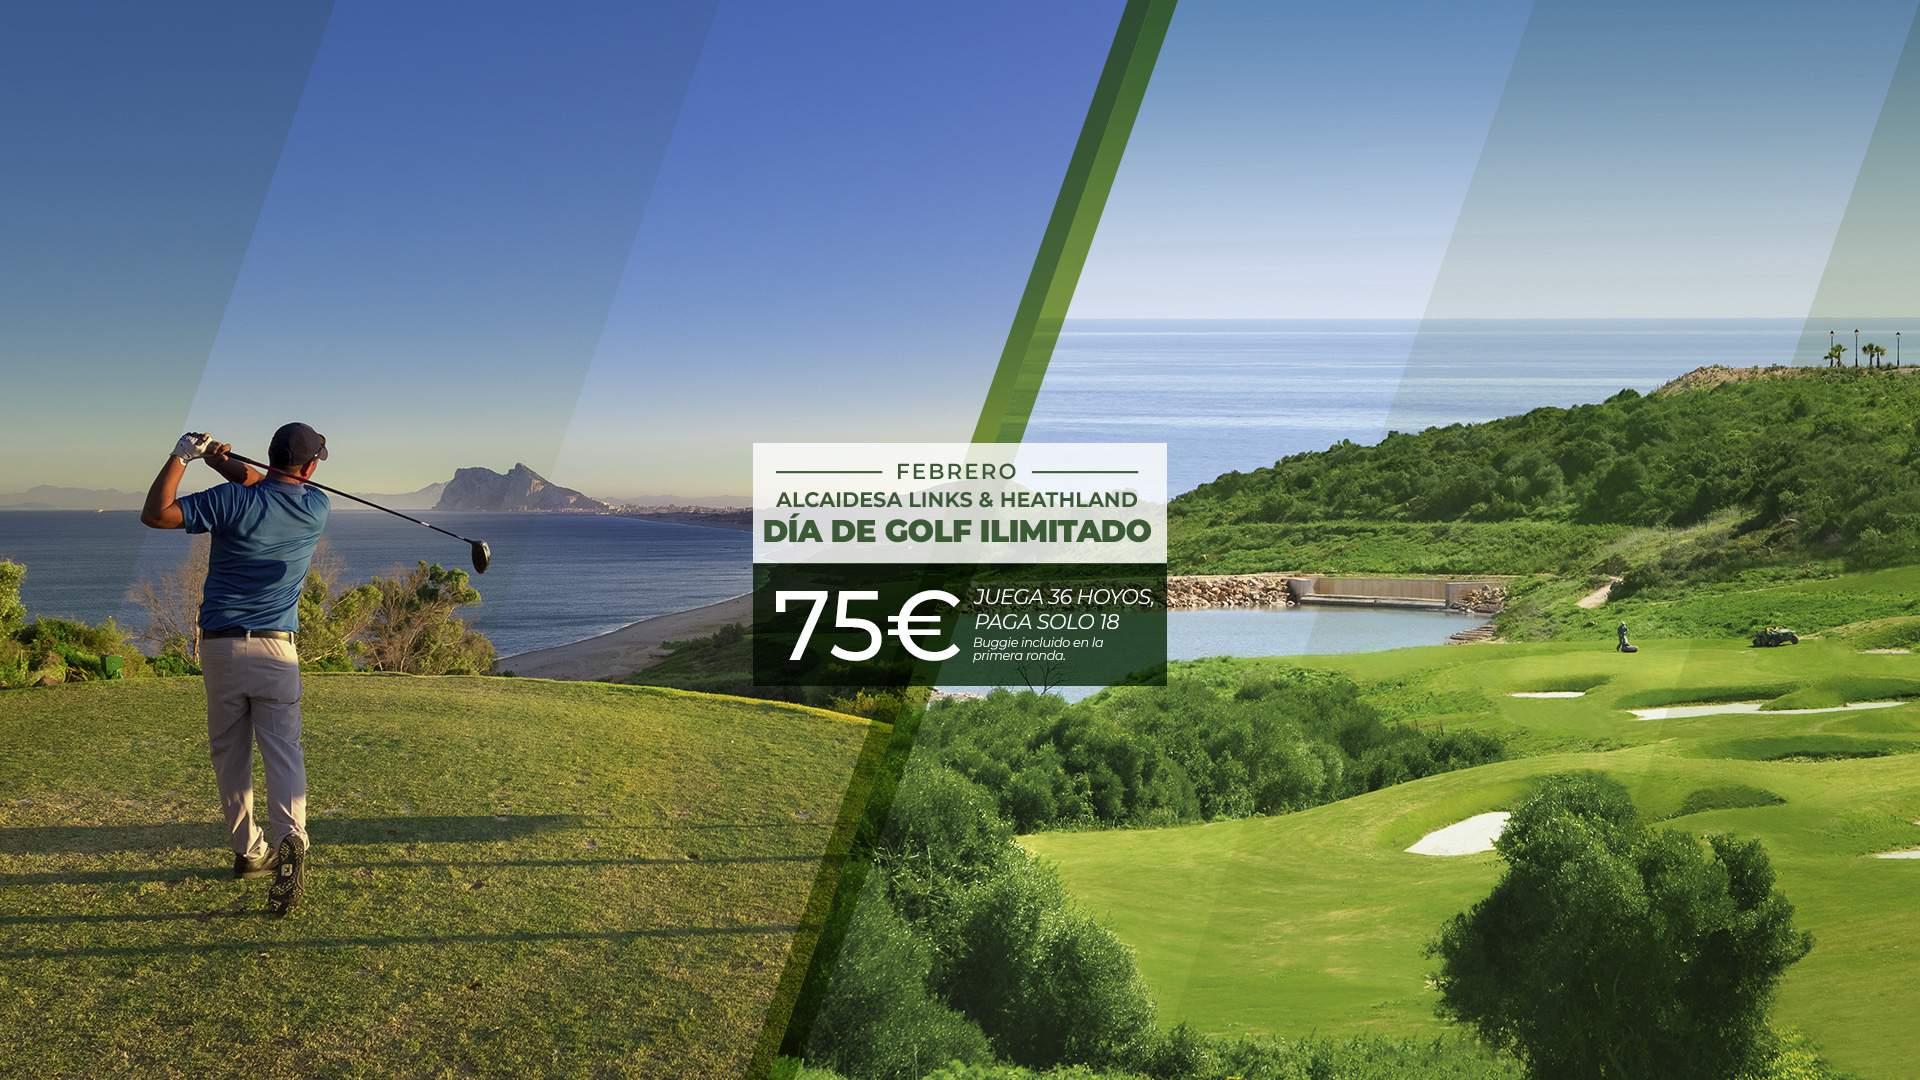 Imagen de Día de Golf Ilimitado Alcaidesa Links & Heathland